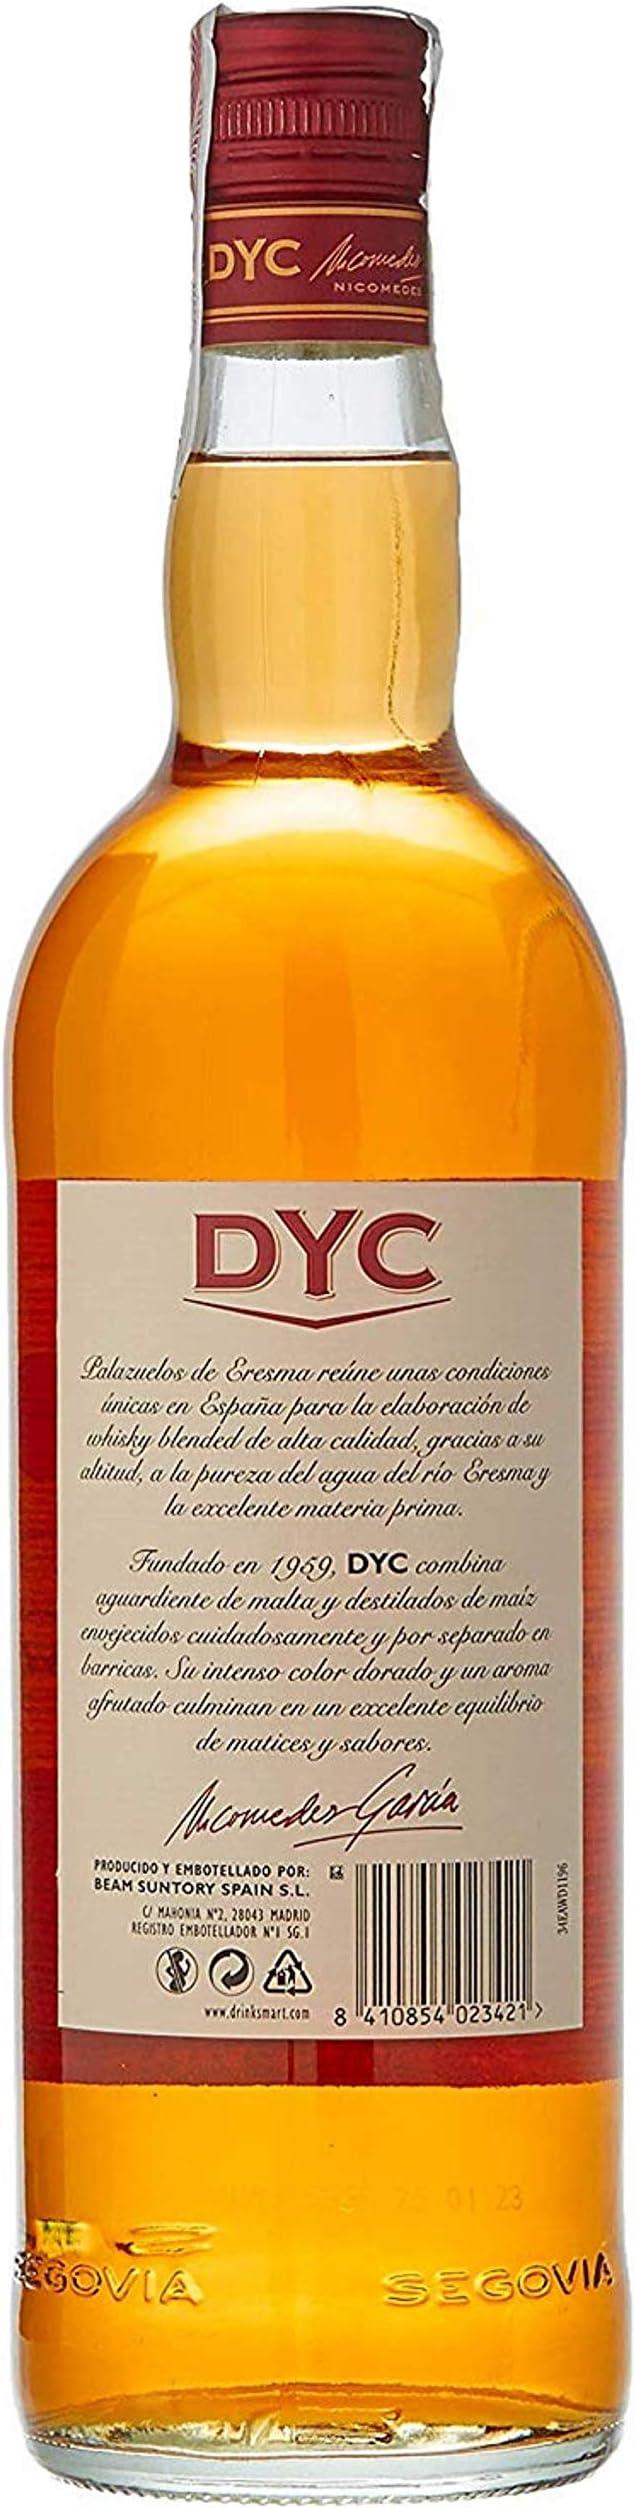 DYC Whisky Nacional, 40% - 1000 ml: Amazon.es: Alimentación y bebidas